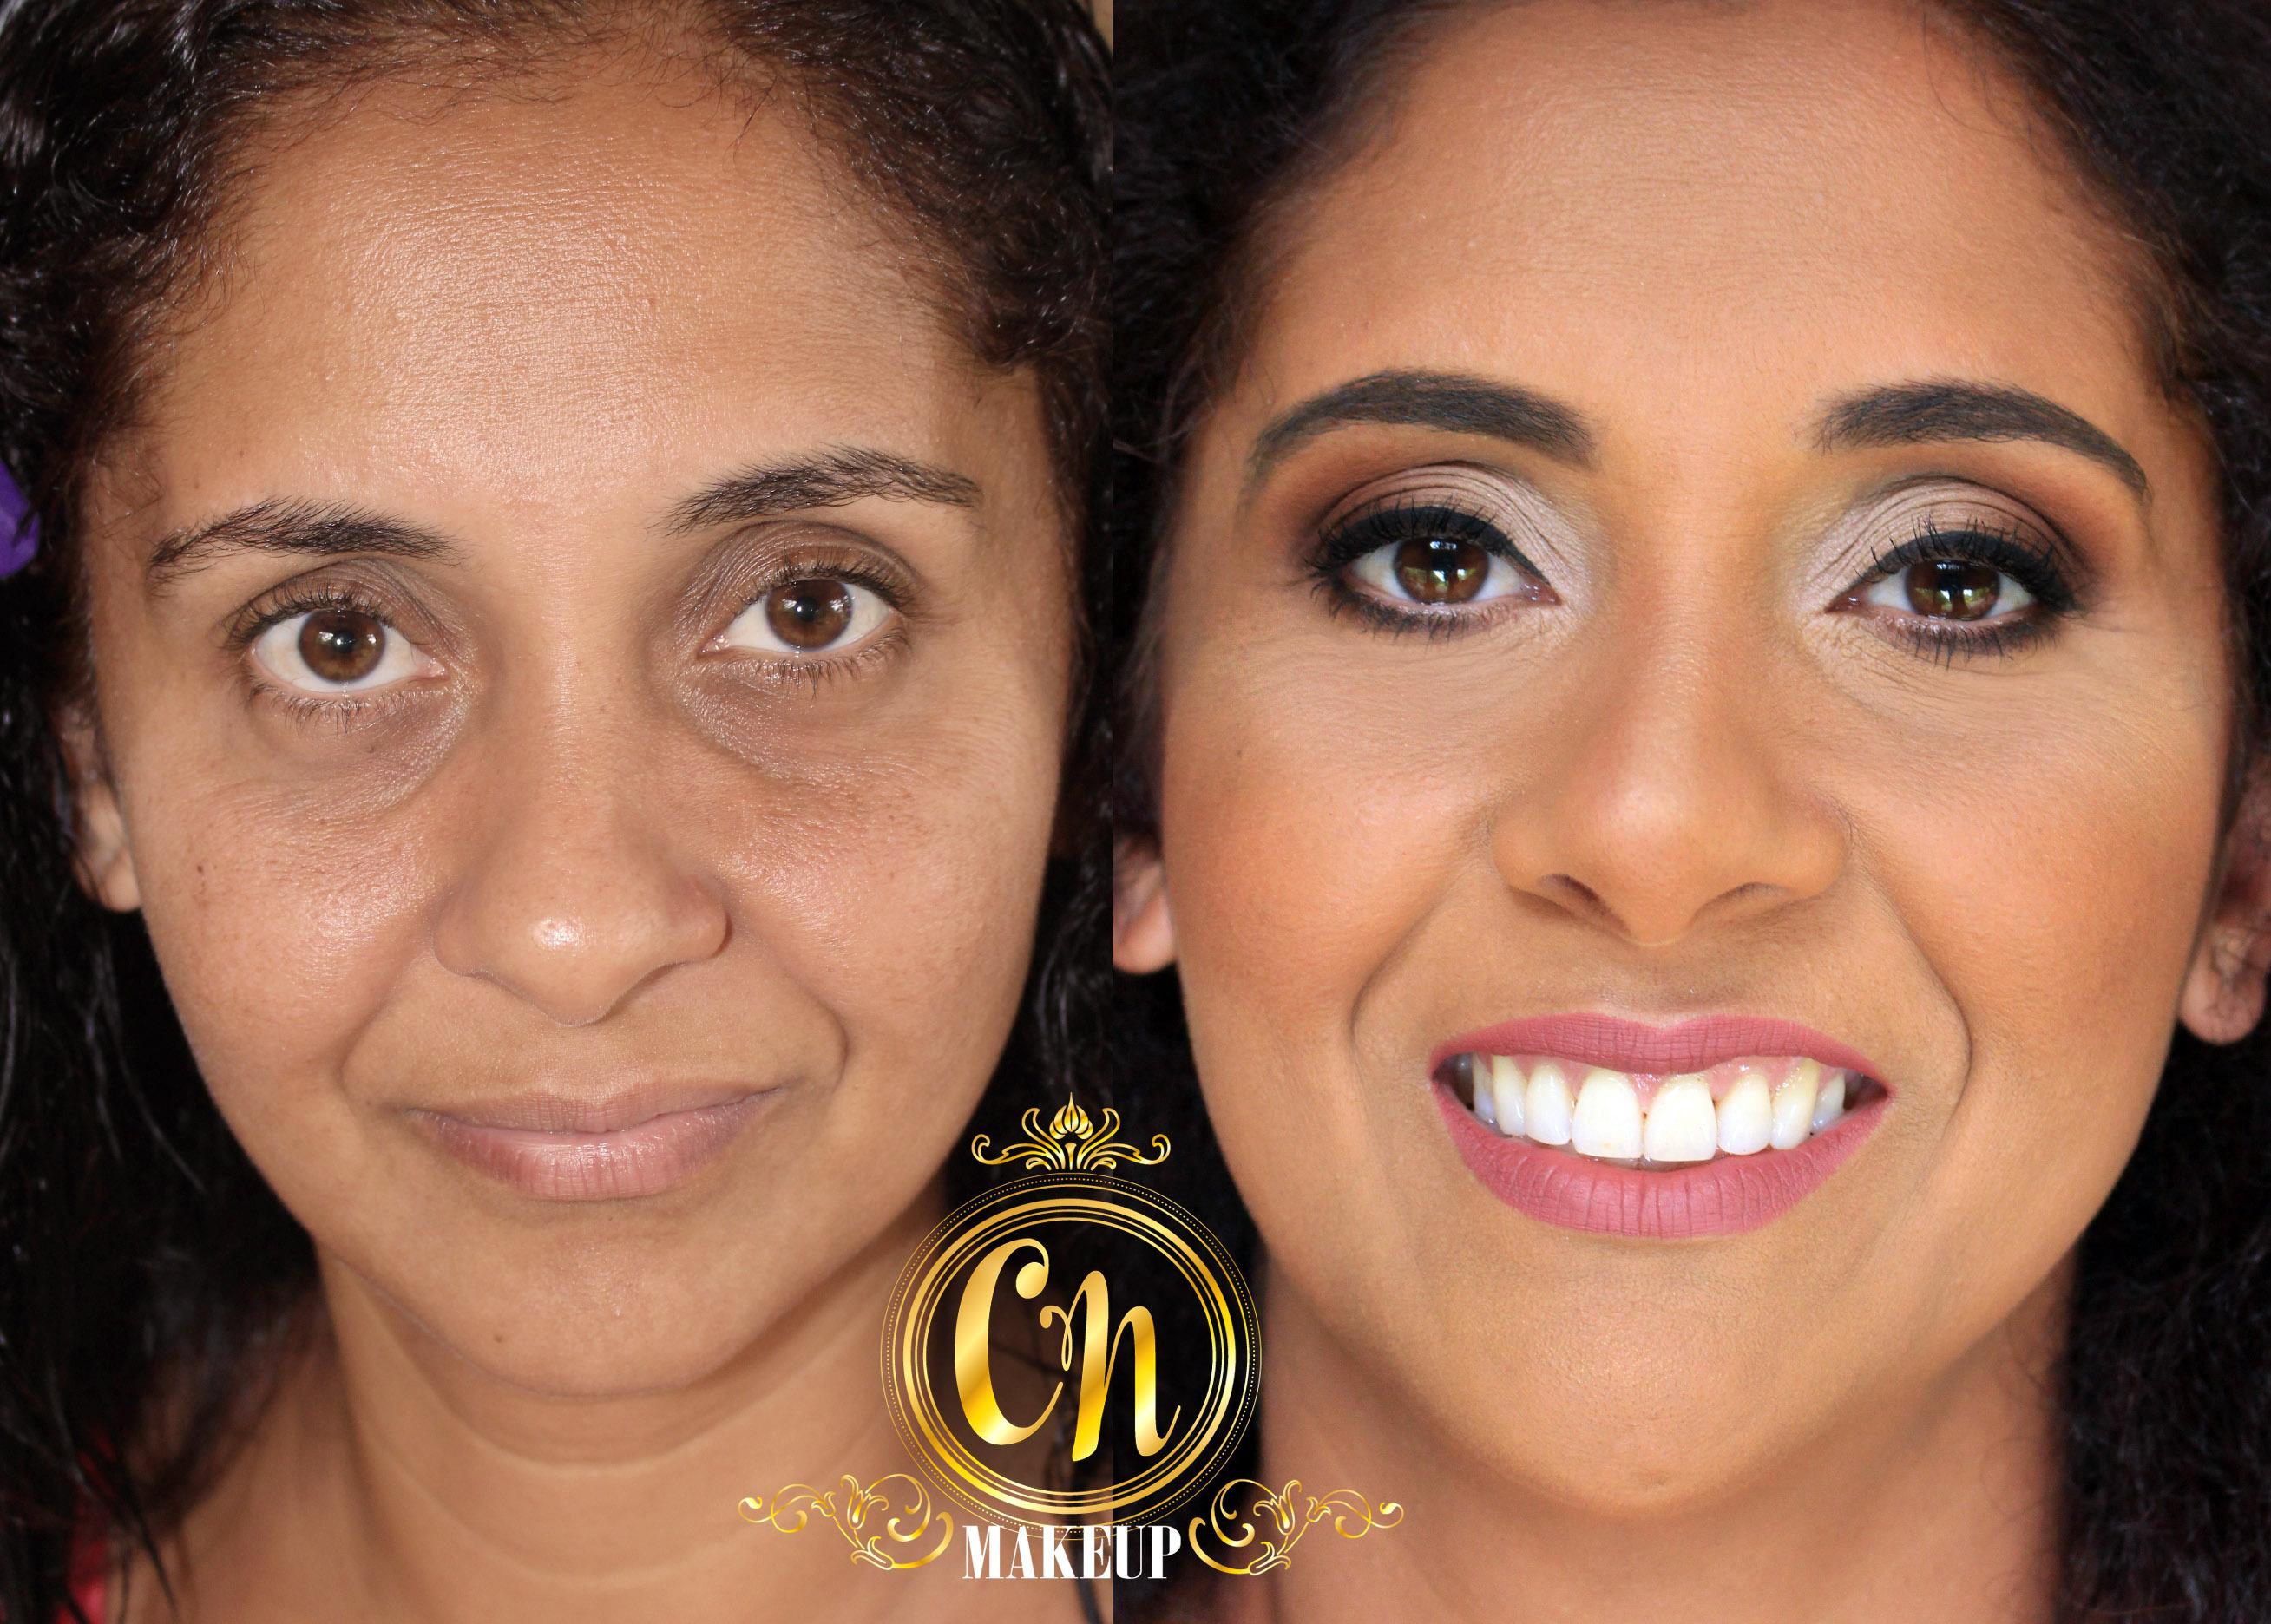 Antes e depois dessa lindona! . #maquiagem #maquiagempro #maquiagemubatuba #maquiagemcasamento #pelemadura #maquiagempelemadura #antesedepois #producao #madrinha #maquiagemmadrinha #maquiadoraubatuba #portfolio #mua #makeuptransformation #beforeafter maquiagem maquiador(a)